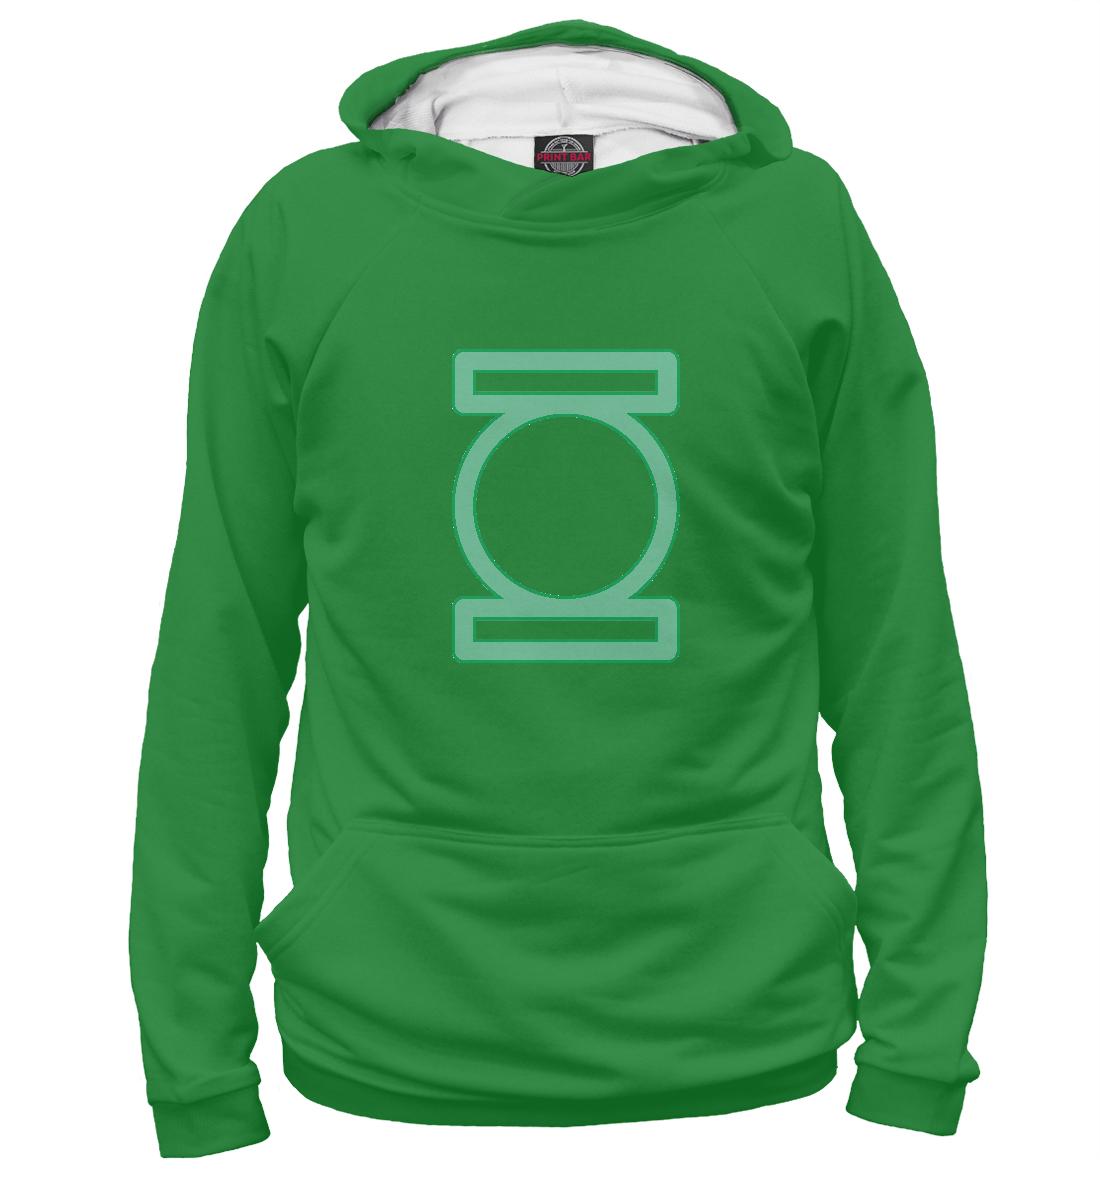 Купить Tropa Verdes, Printbar, Худи, TEO-460118-hud-1